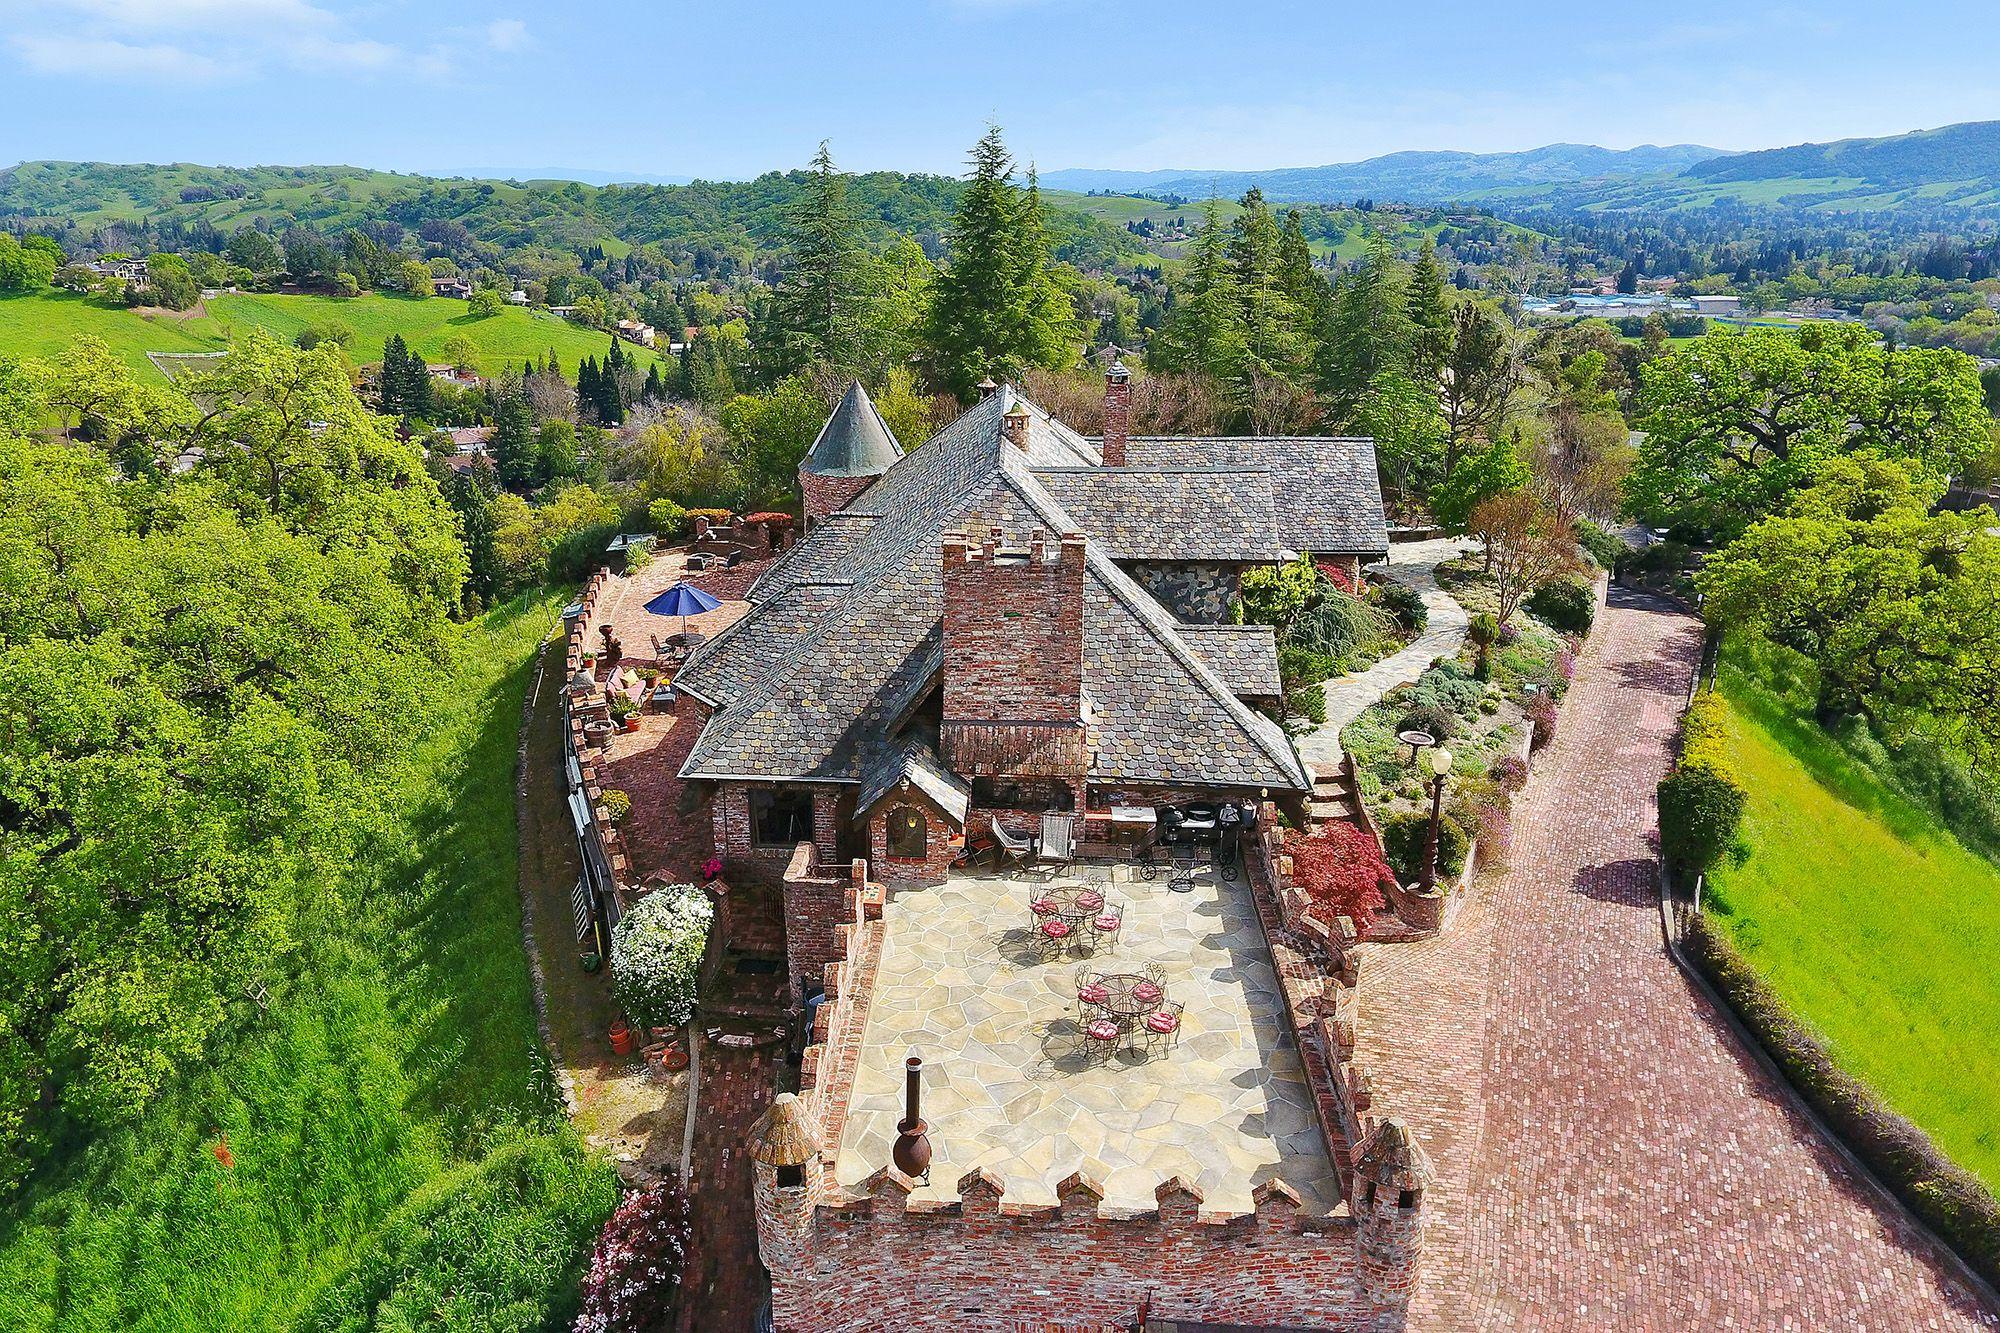 Un castillo de construcción moderna y aires medievales en California